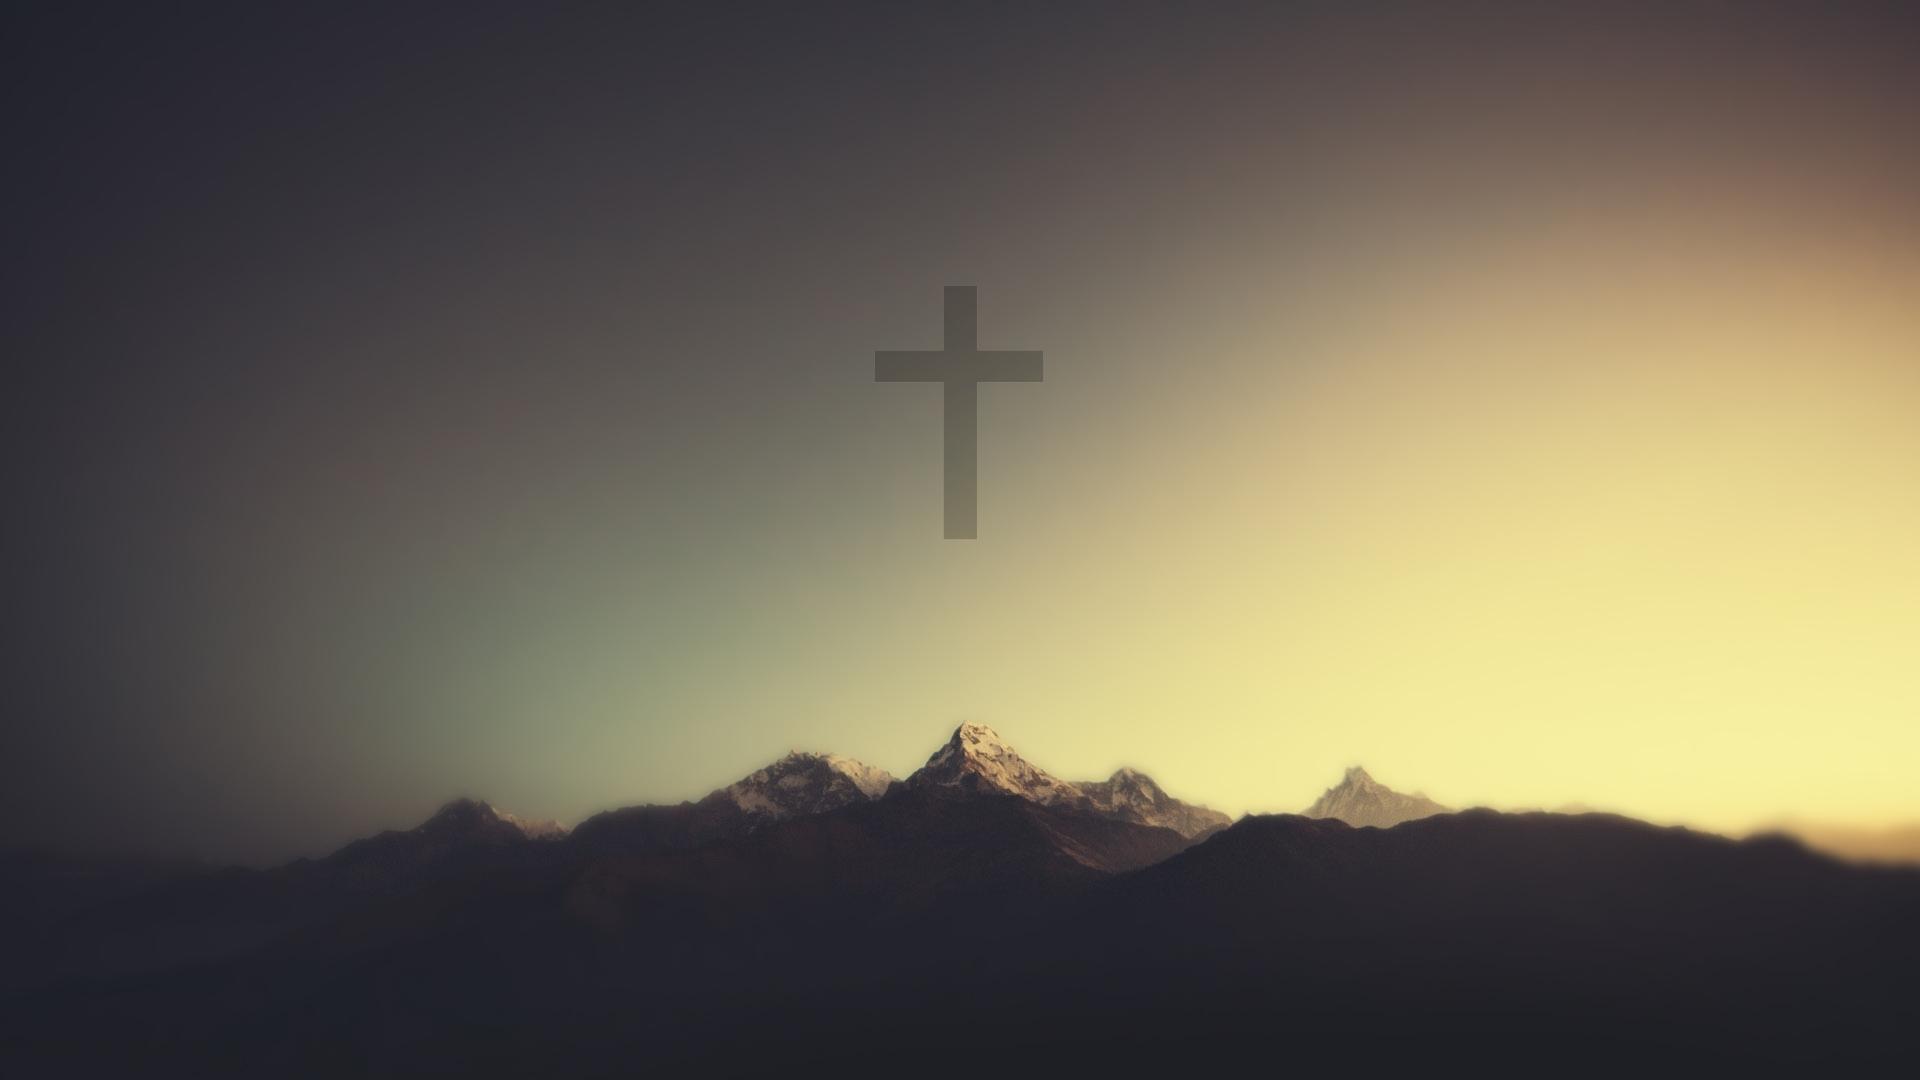 christian hd wallpaper | 1920x1080 | id:47411 - wallpapervortex